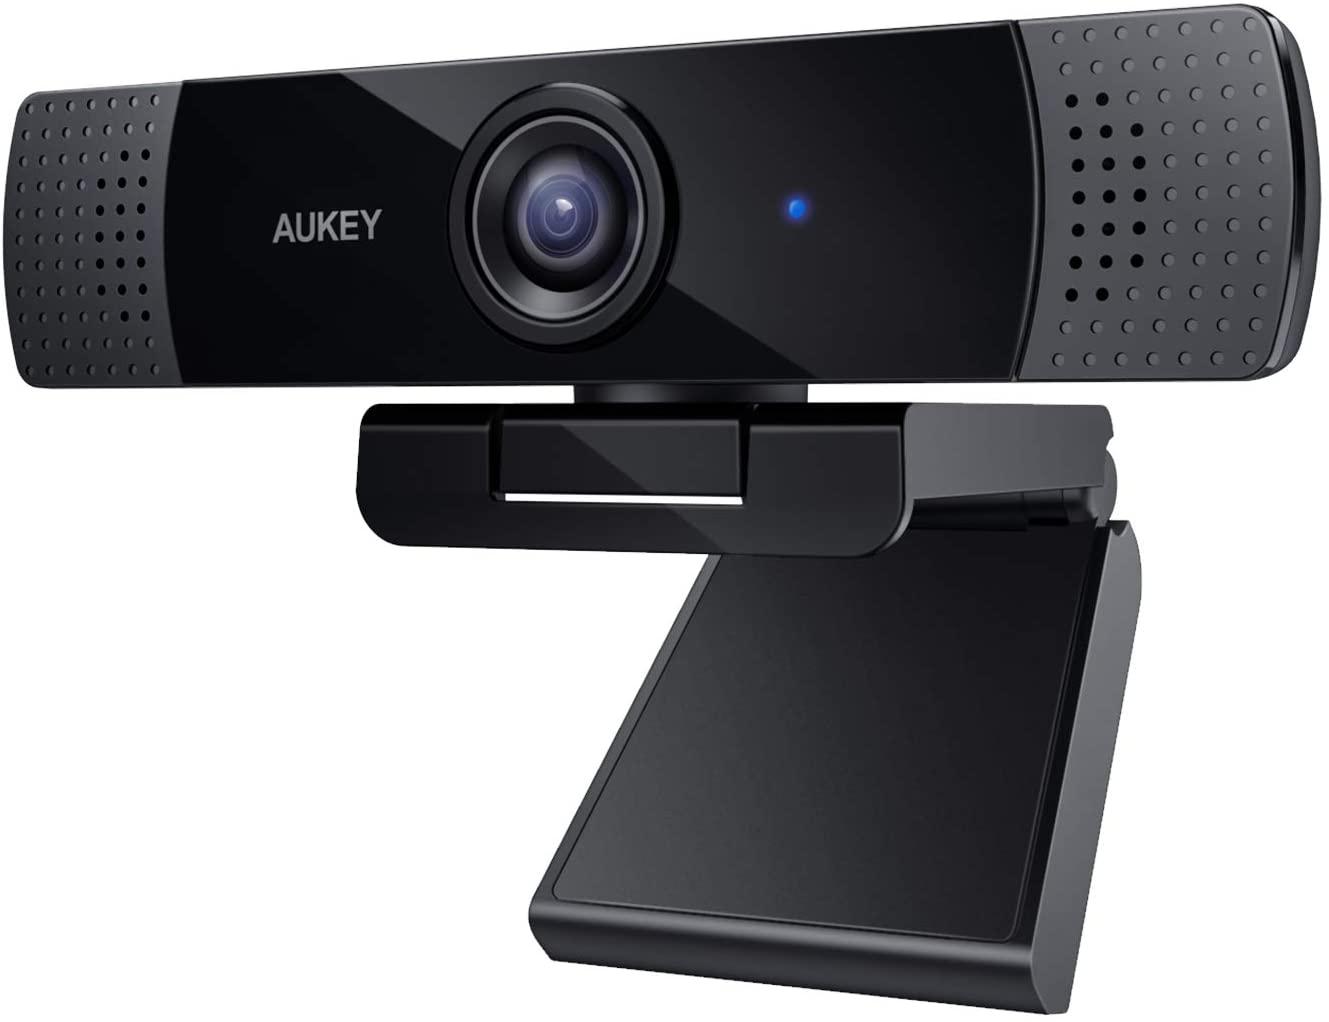 aukey camera